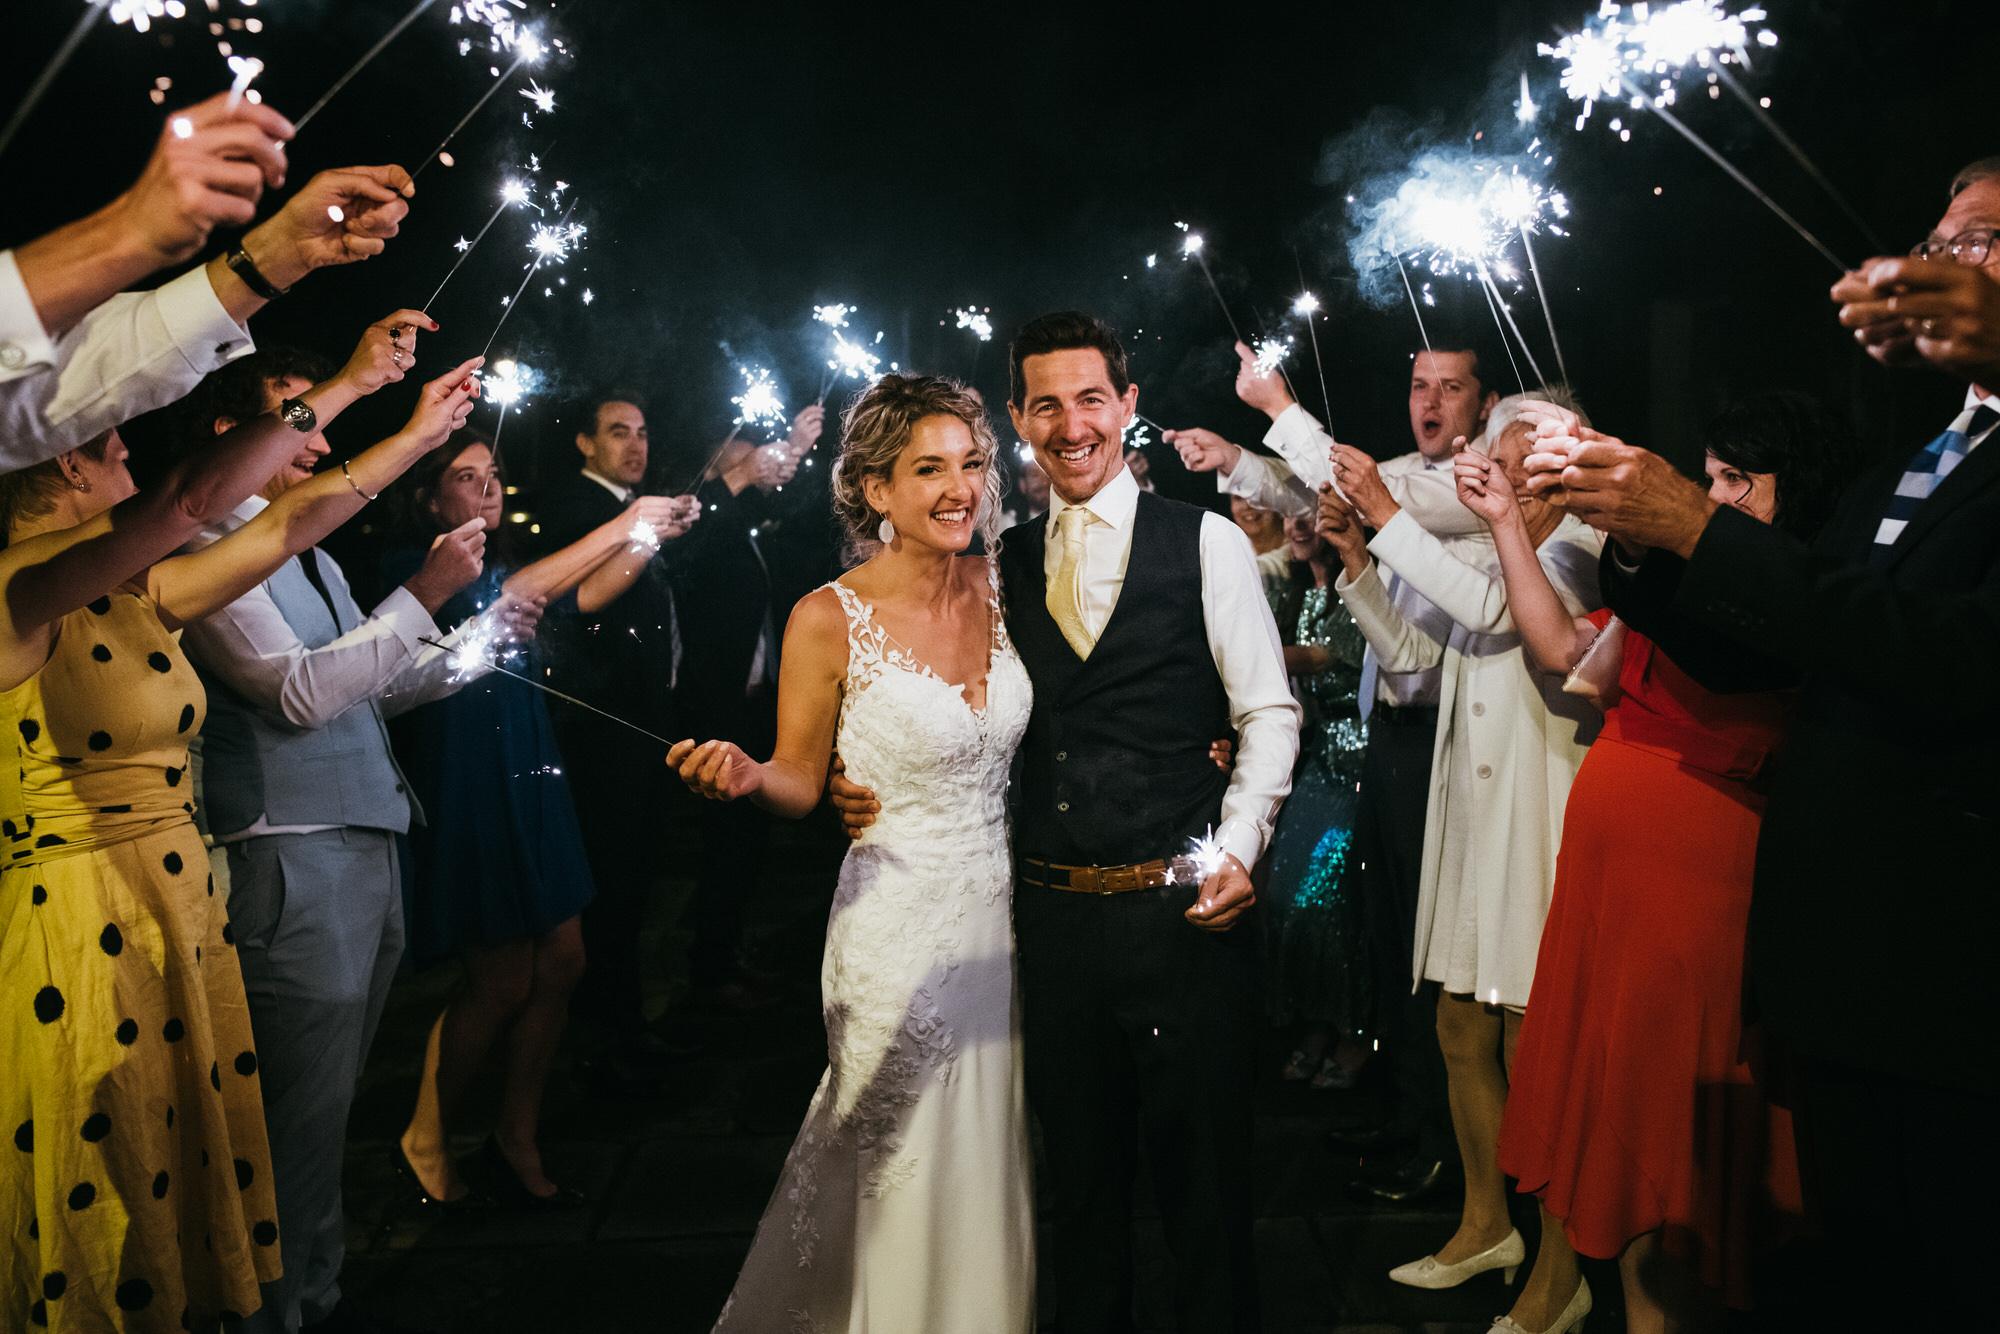 Royal crescent wedding sparklers